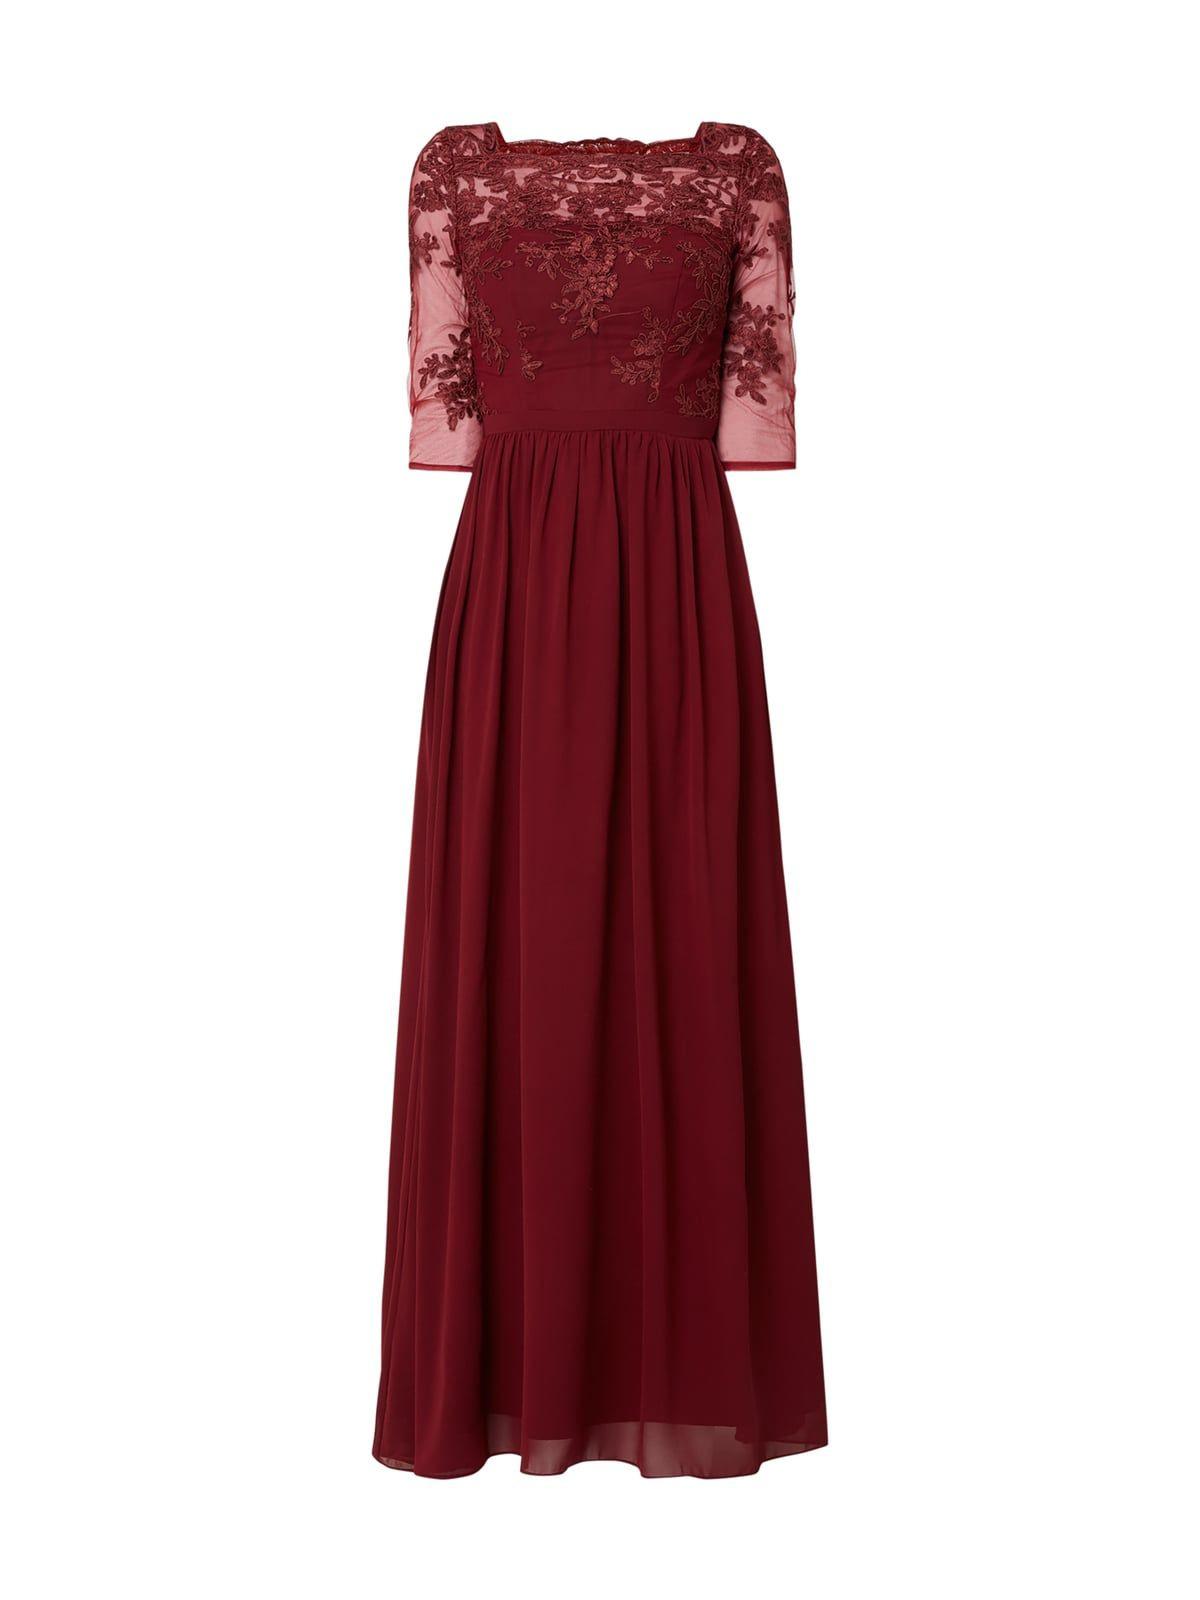 20 Schön Abendkleider P&C VertriebFormal Luxus Abendkleider P&C Boutique